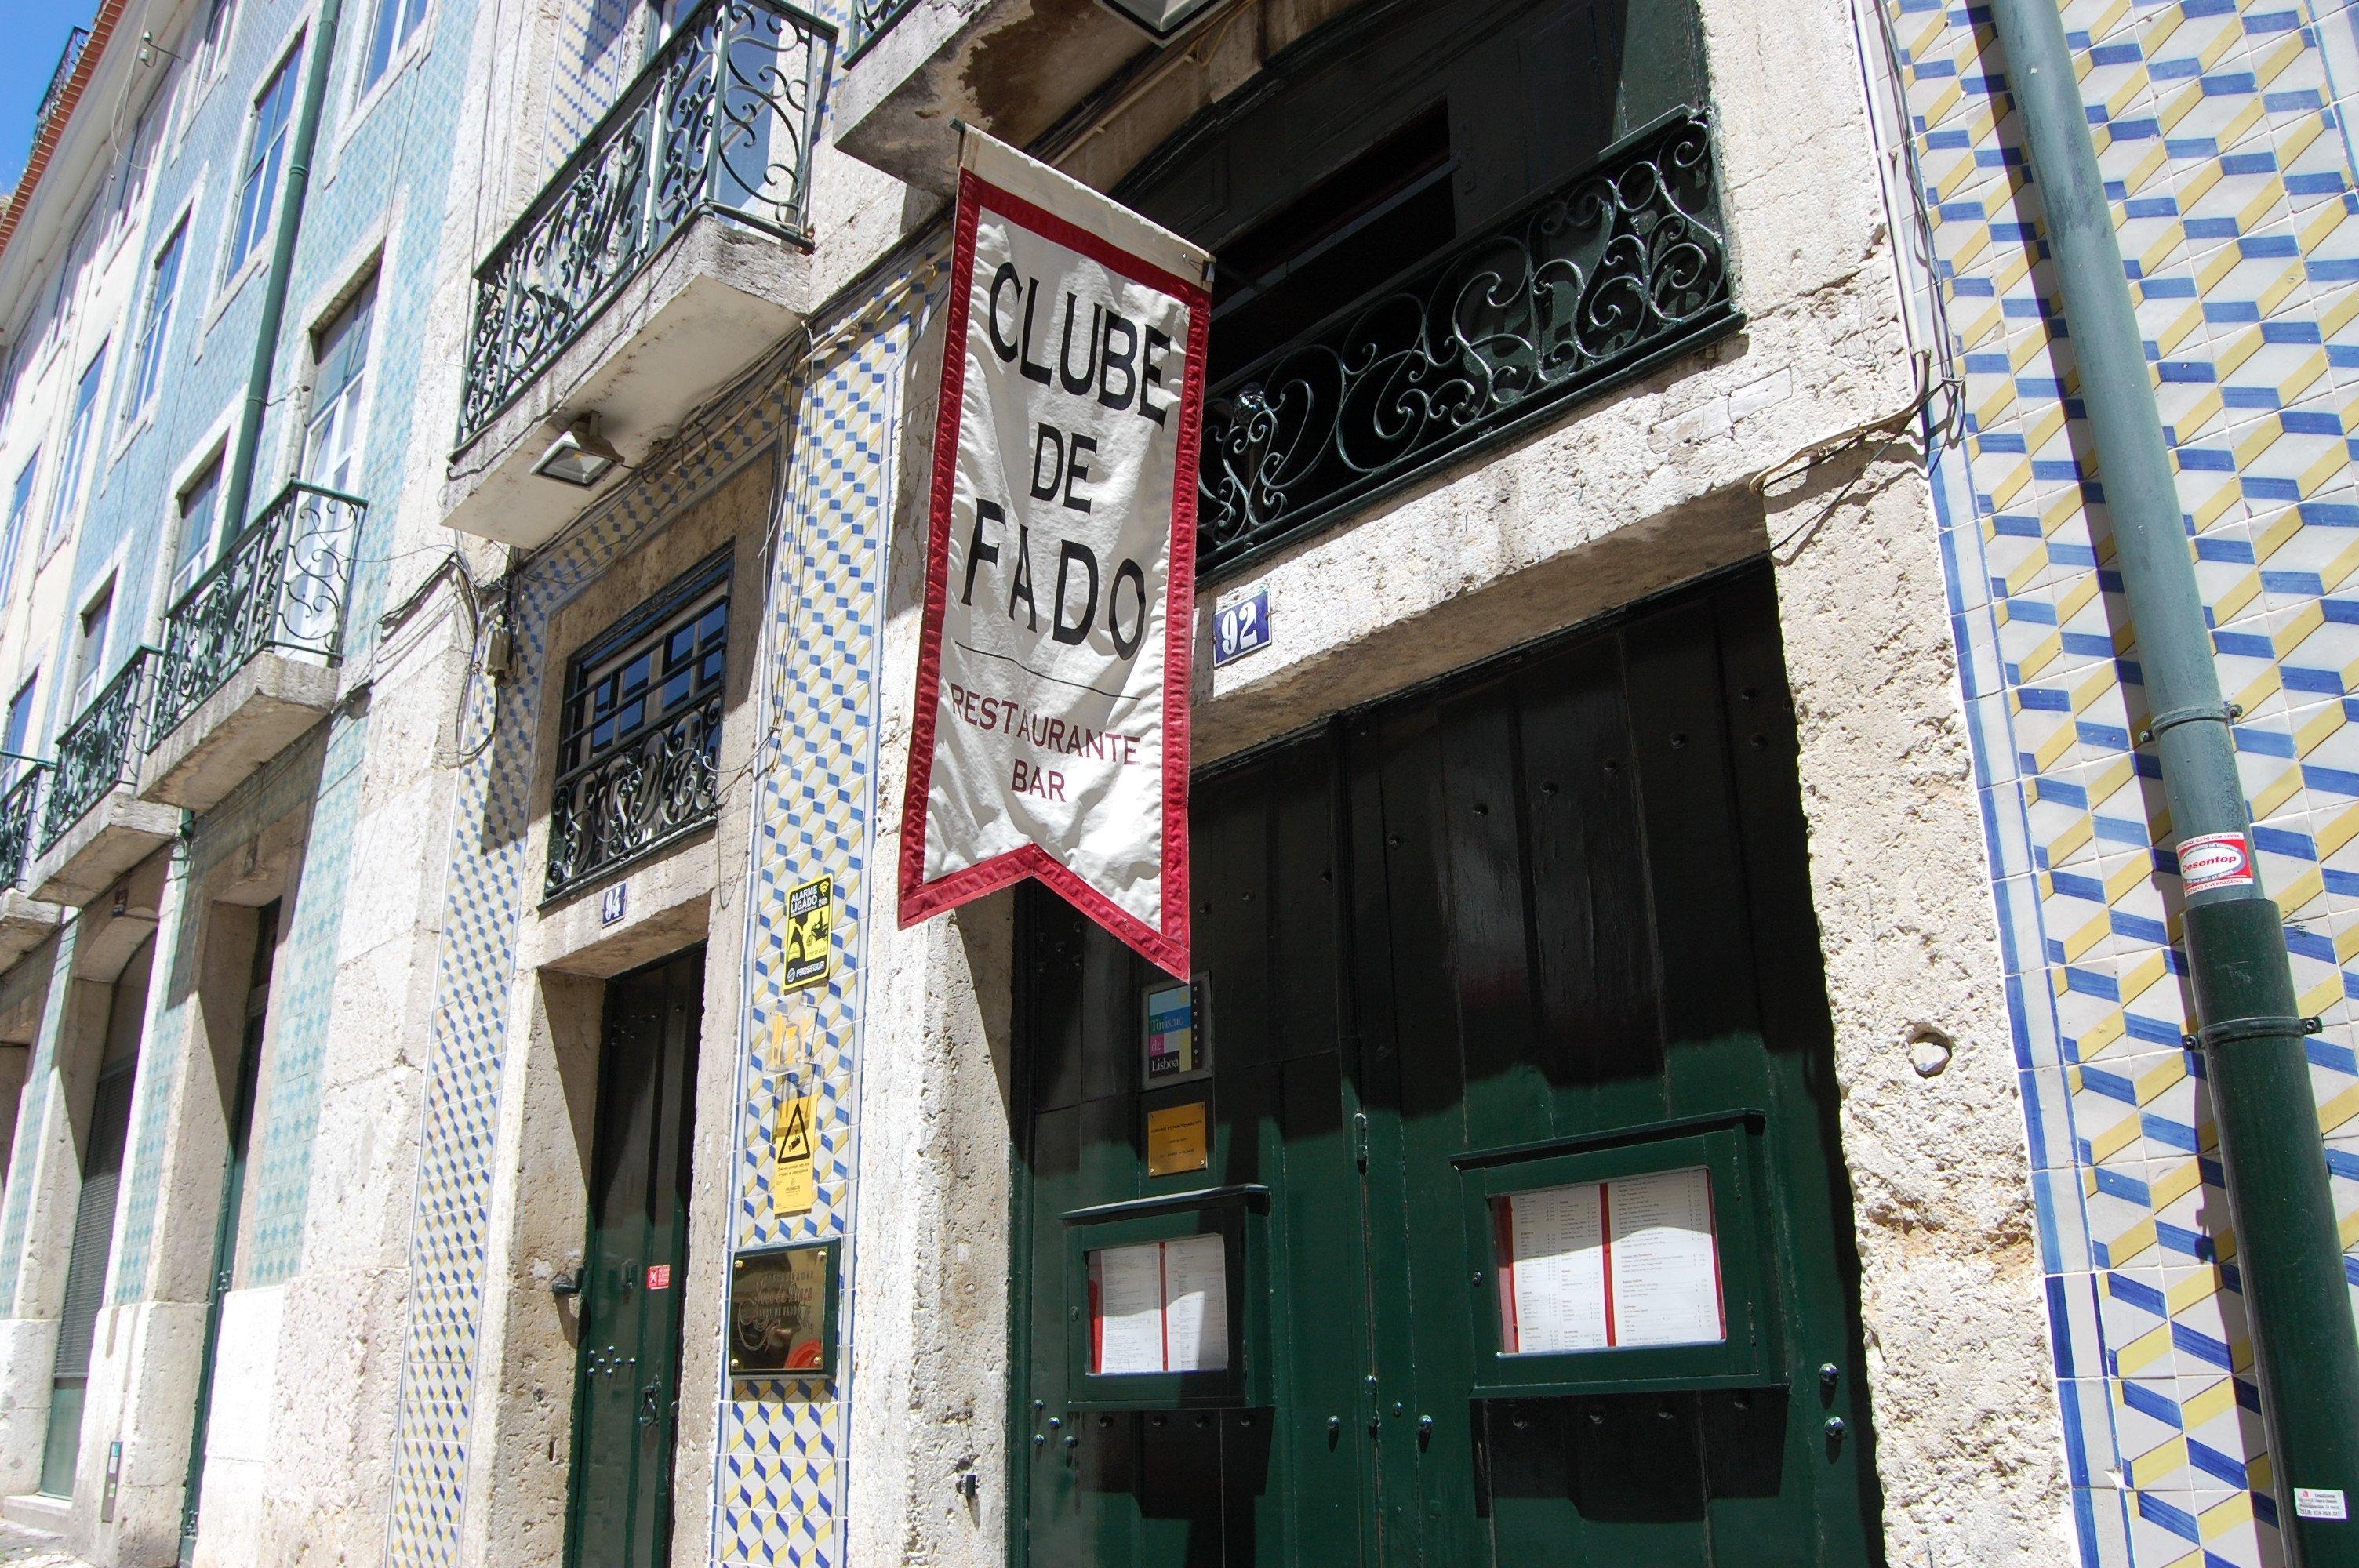 Clube de Fado in Alfama